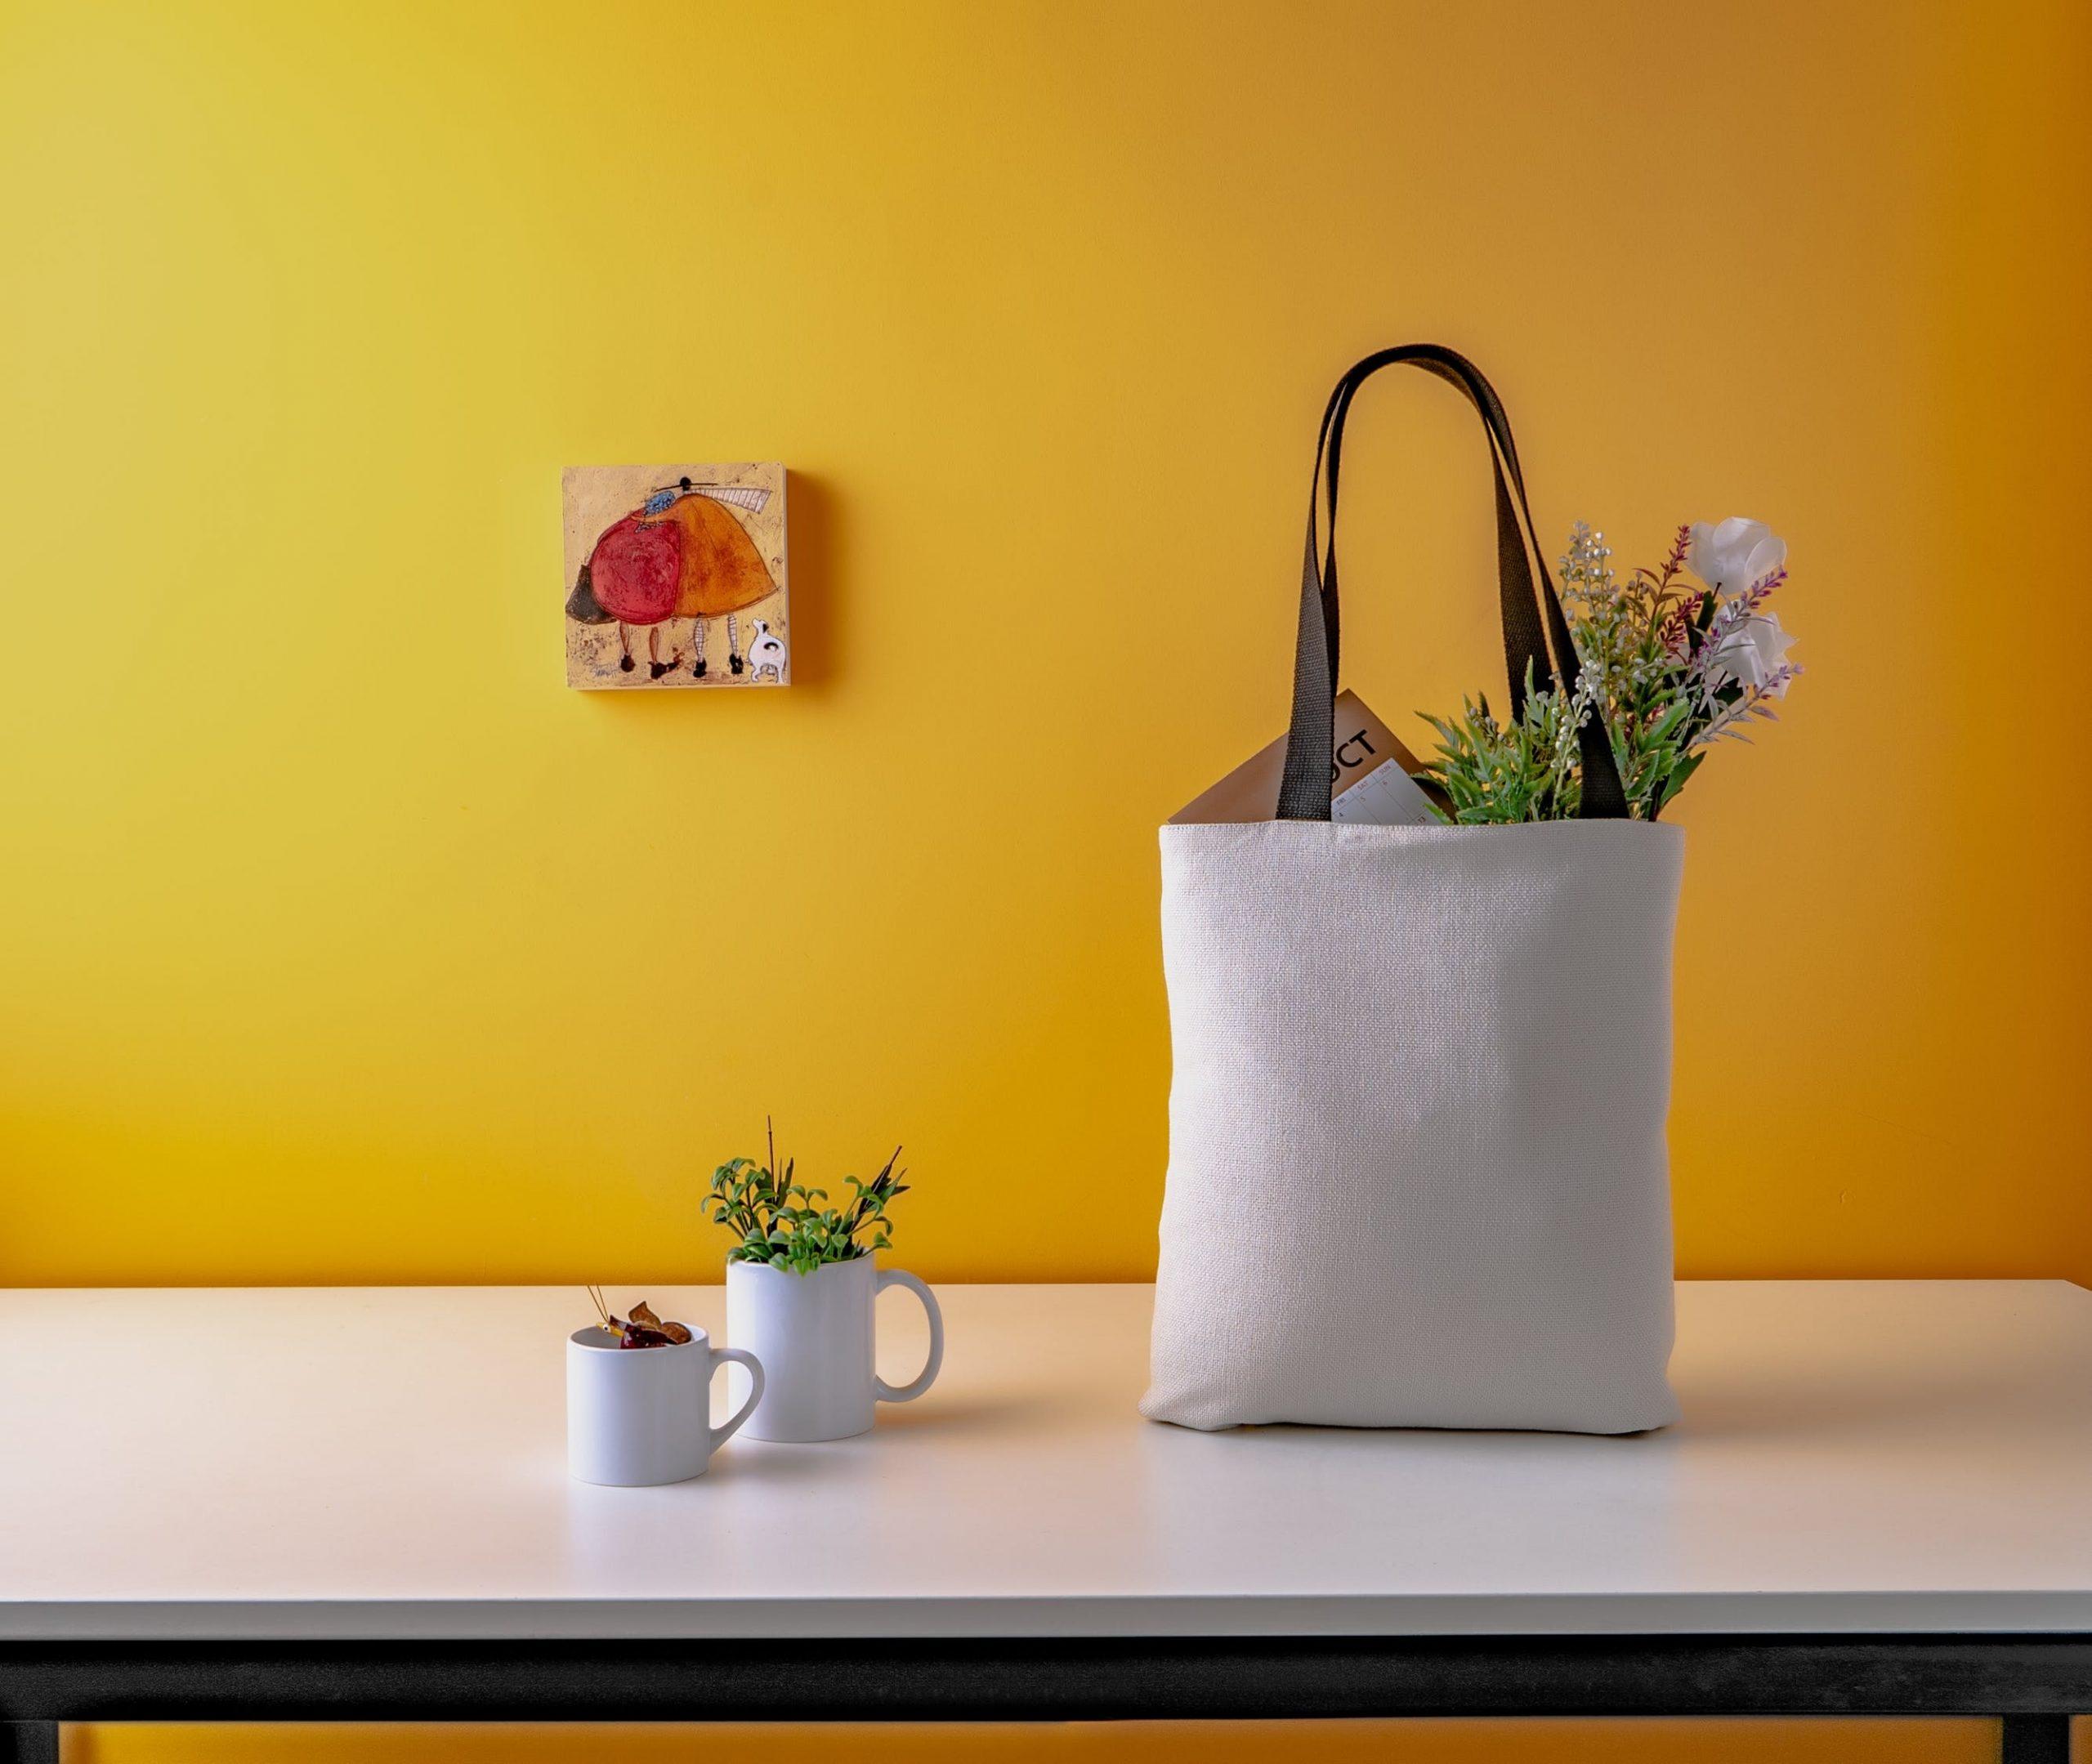 Inspirasi Desain Tote Bag untuk Melengkapi Berbagai Acara Anda